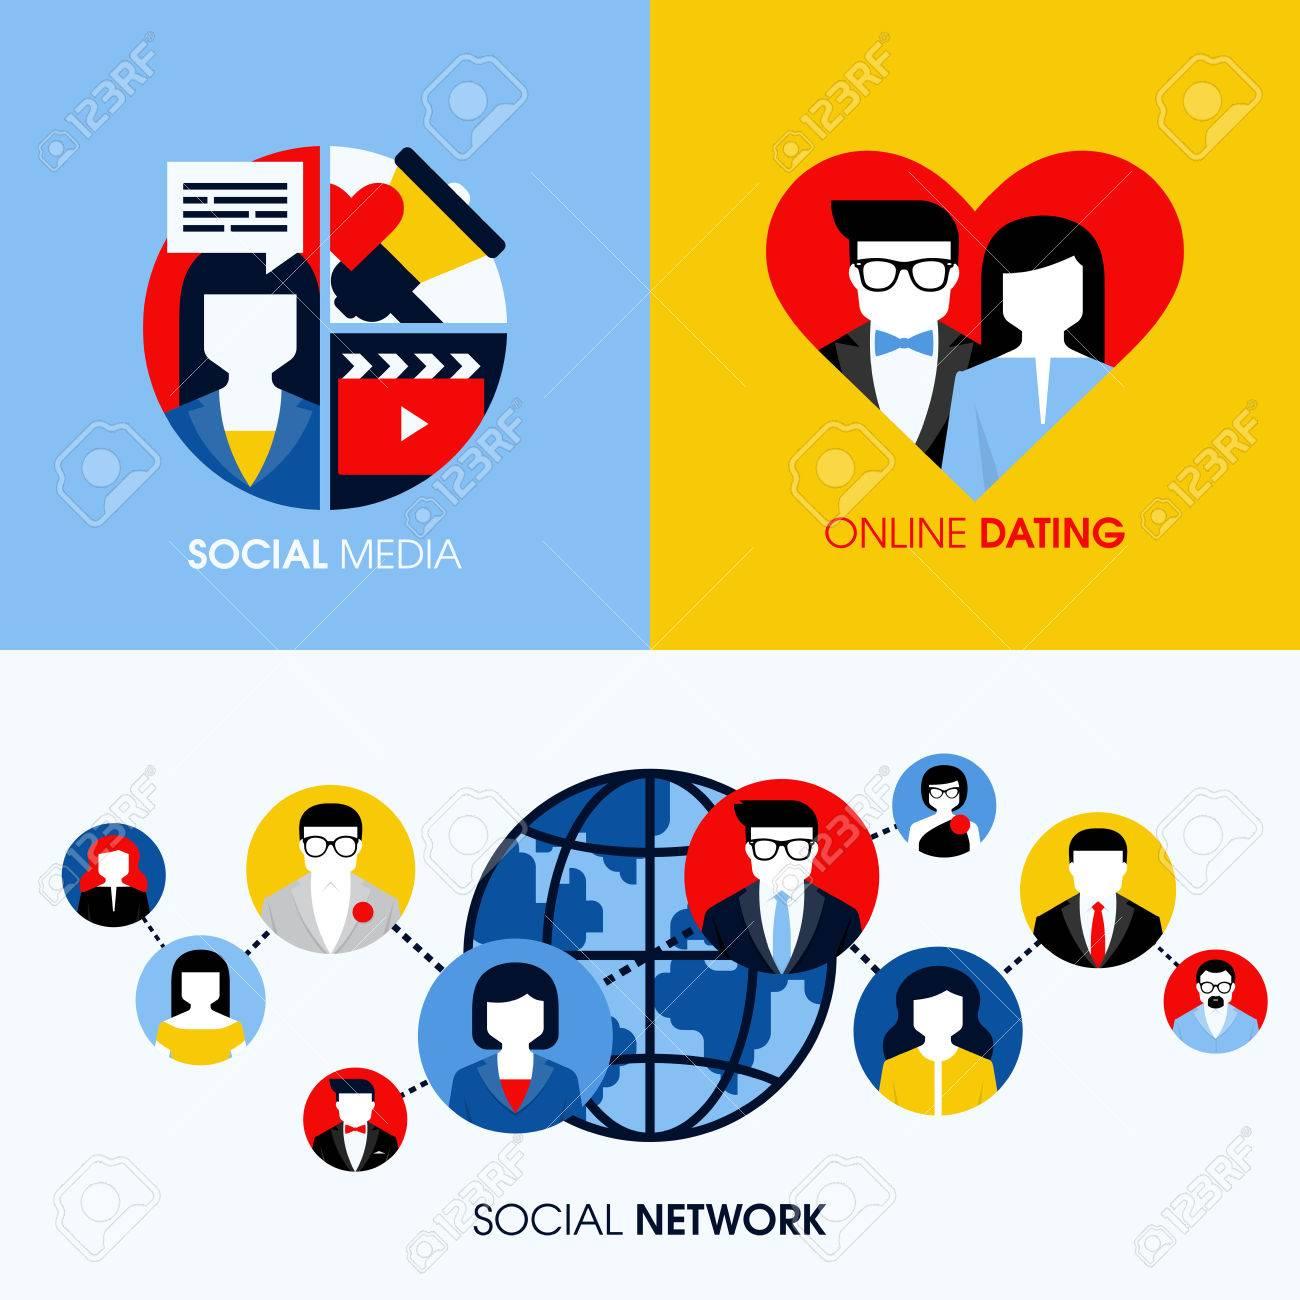 La Red Social Medios Sociales Y De Citas En Línea Conceptos Planas Modernas